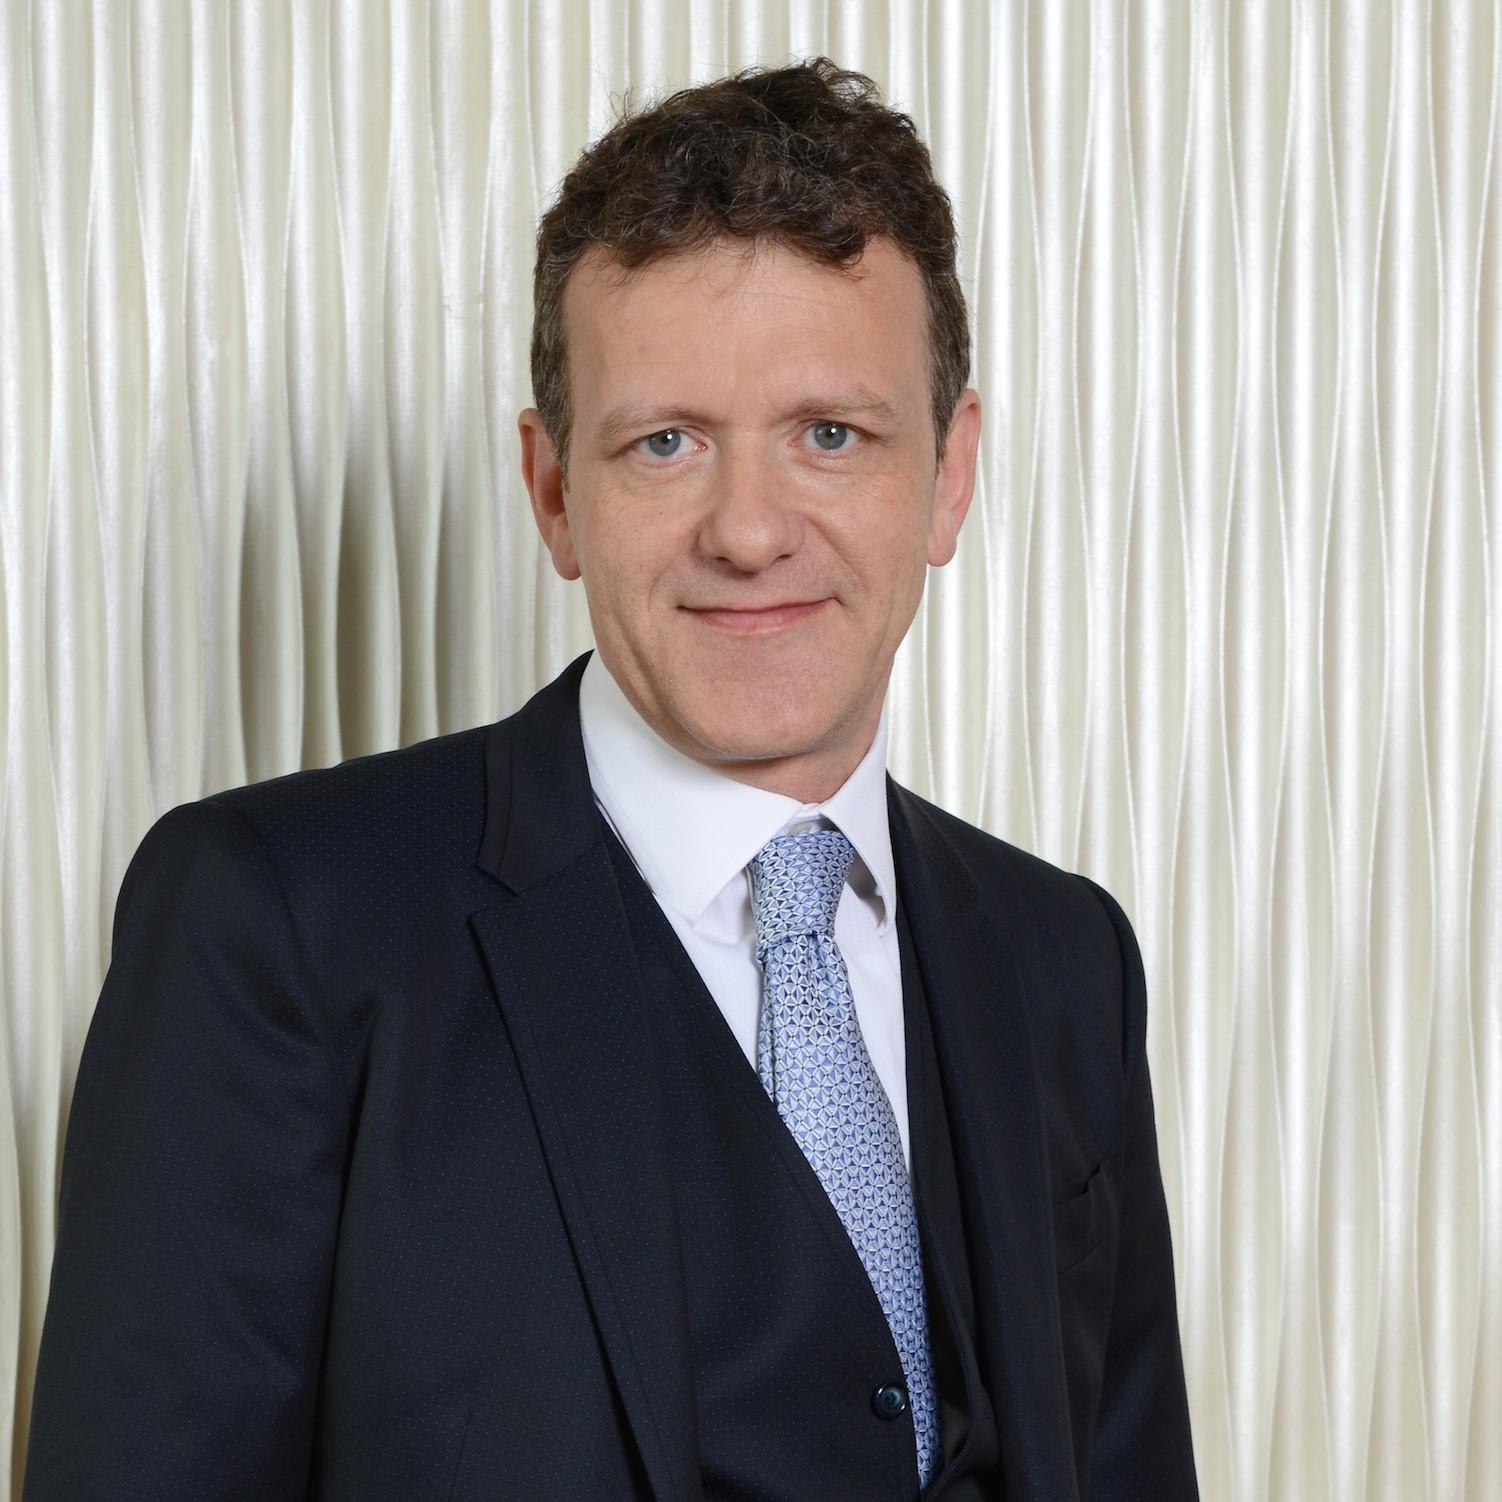 Marco Podini, presidente esecutivo di Dedagroup